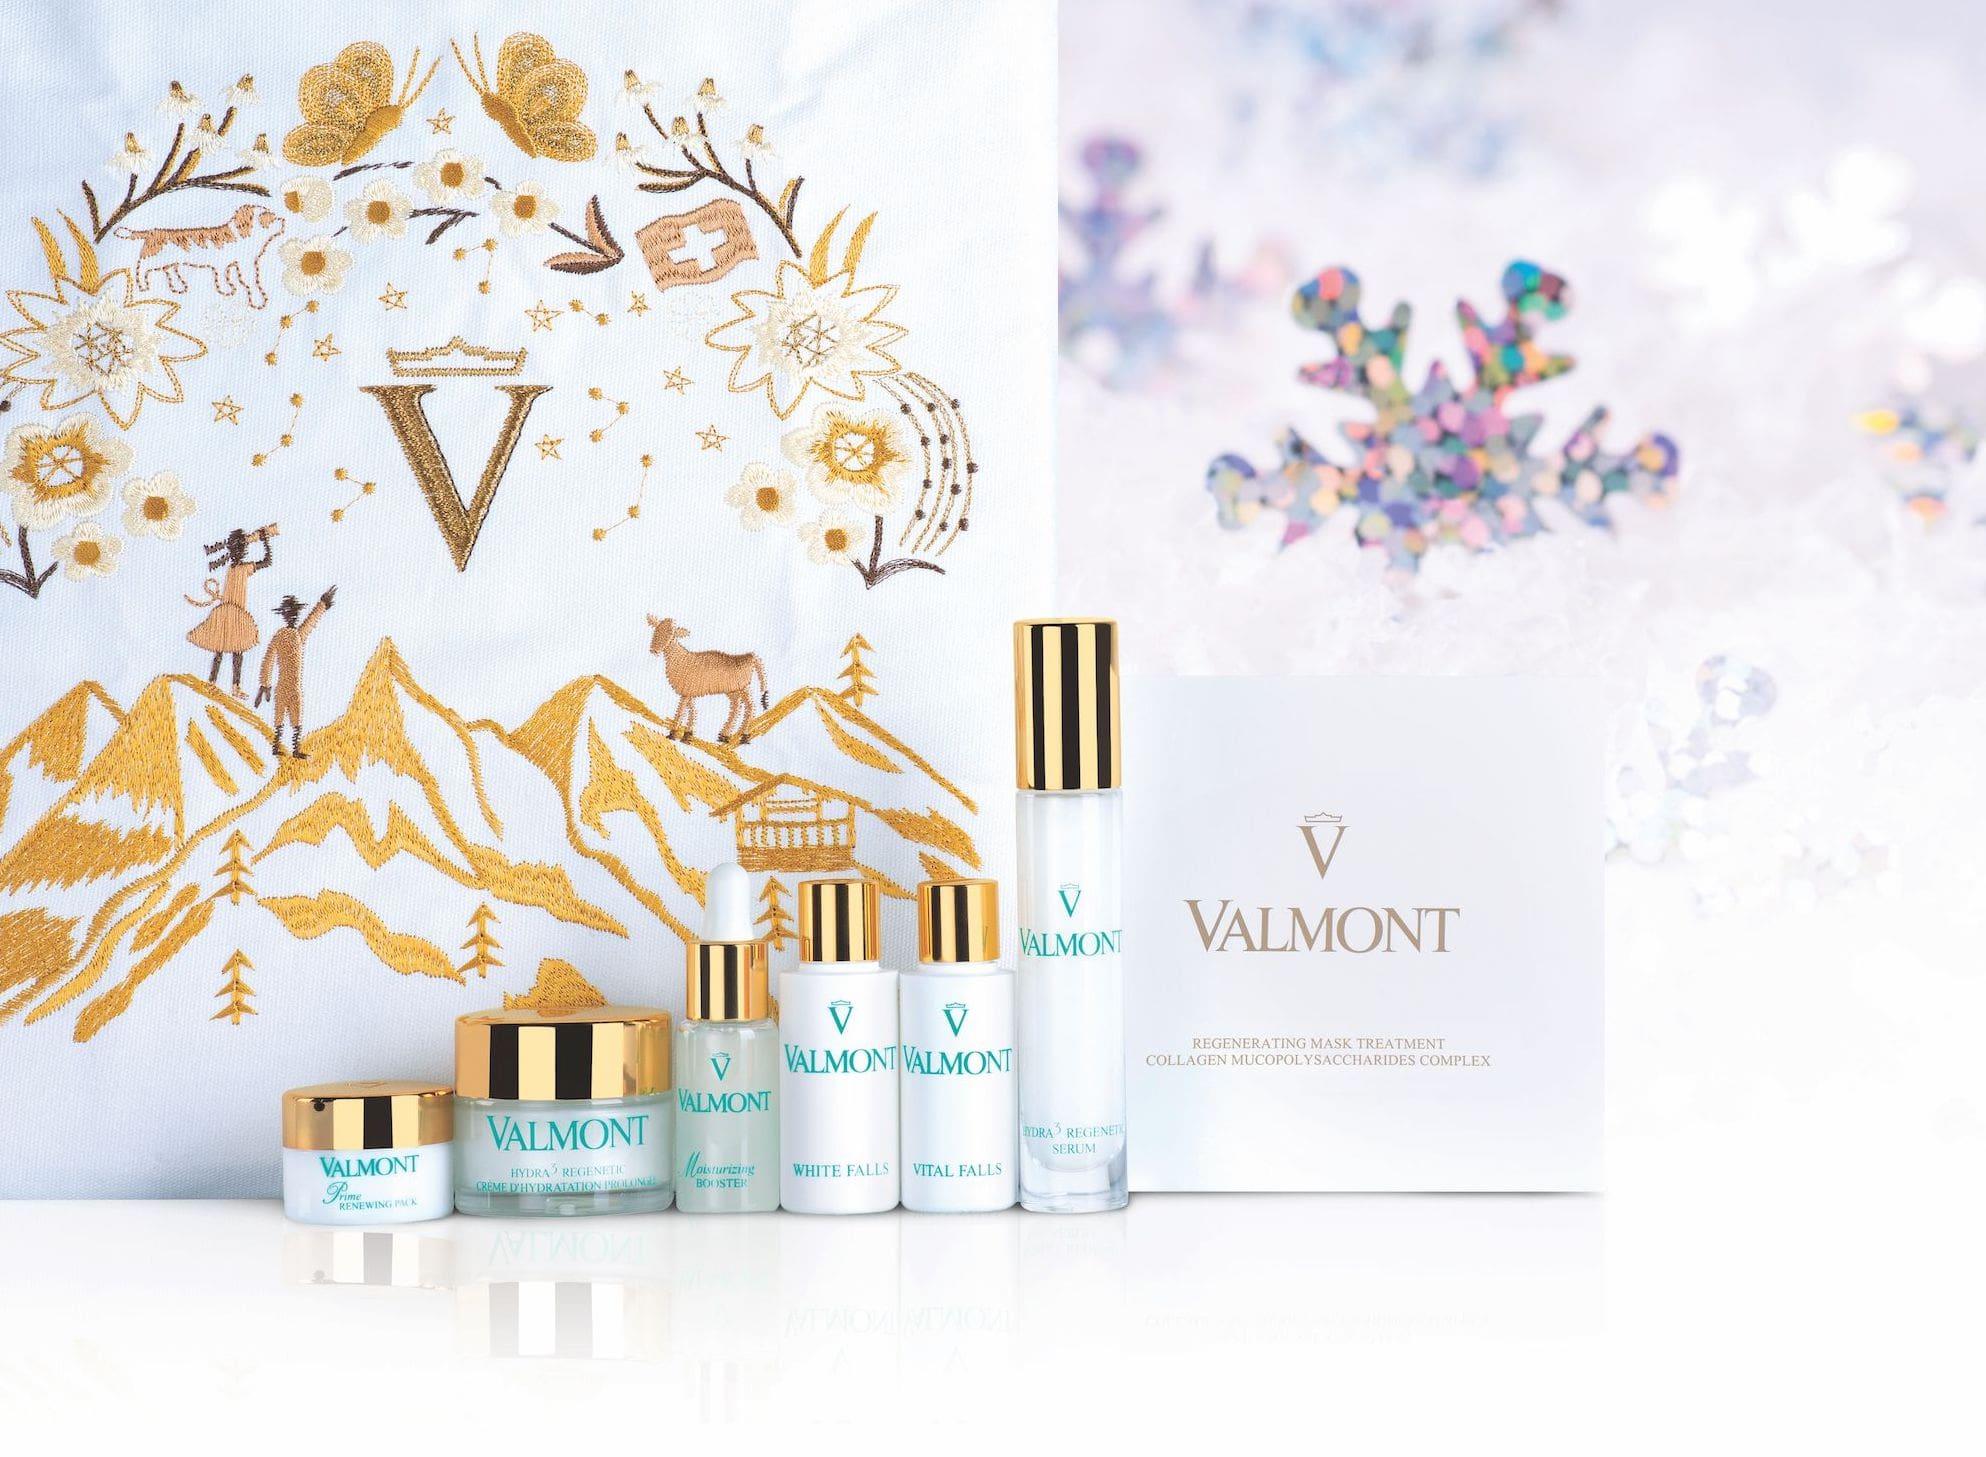 Công dụng sản phẩm Valmont